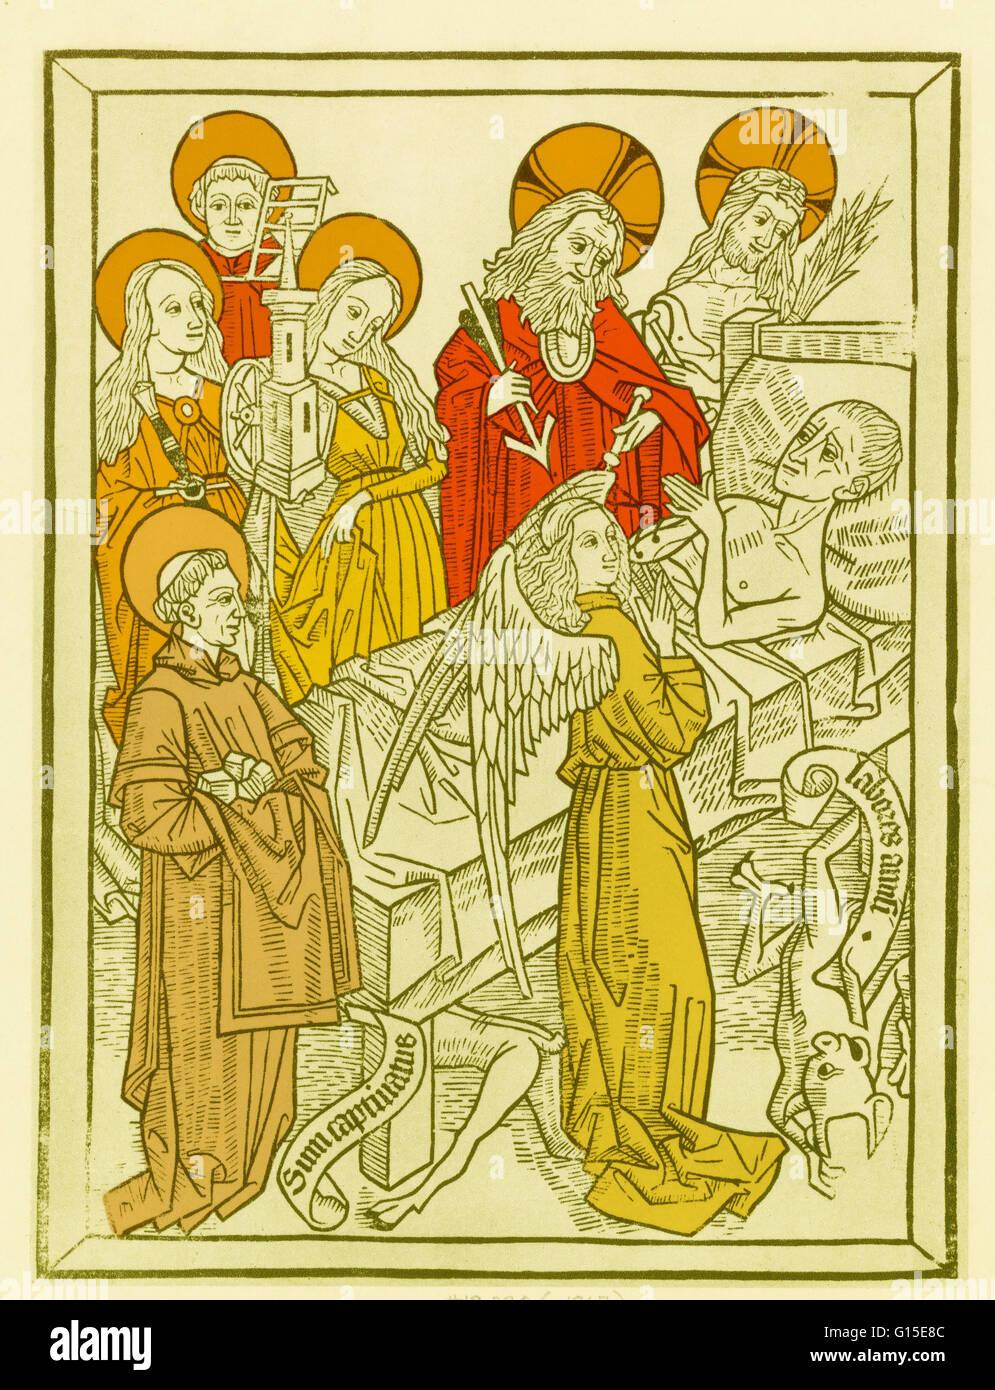 """El Ars moriendi (El arte de morir) son dos textos latinos que datan de alrededor de 1415 y 1450, que ofrecen consejos sobre los protocolos y procedimientos para una buena muerte, explicando cómo 'Die bien"""", de acuerdo con los preceptos cristianos de finales de la Edad Media. Se wa Foto de stock"""